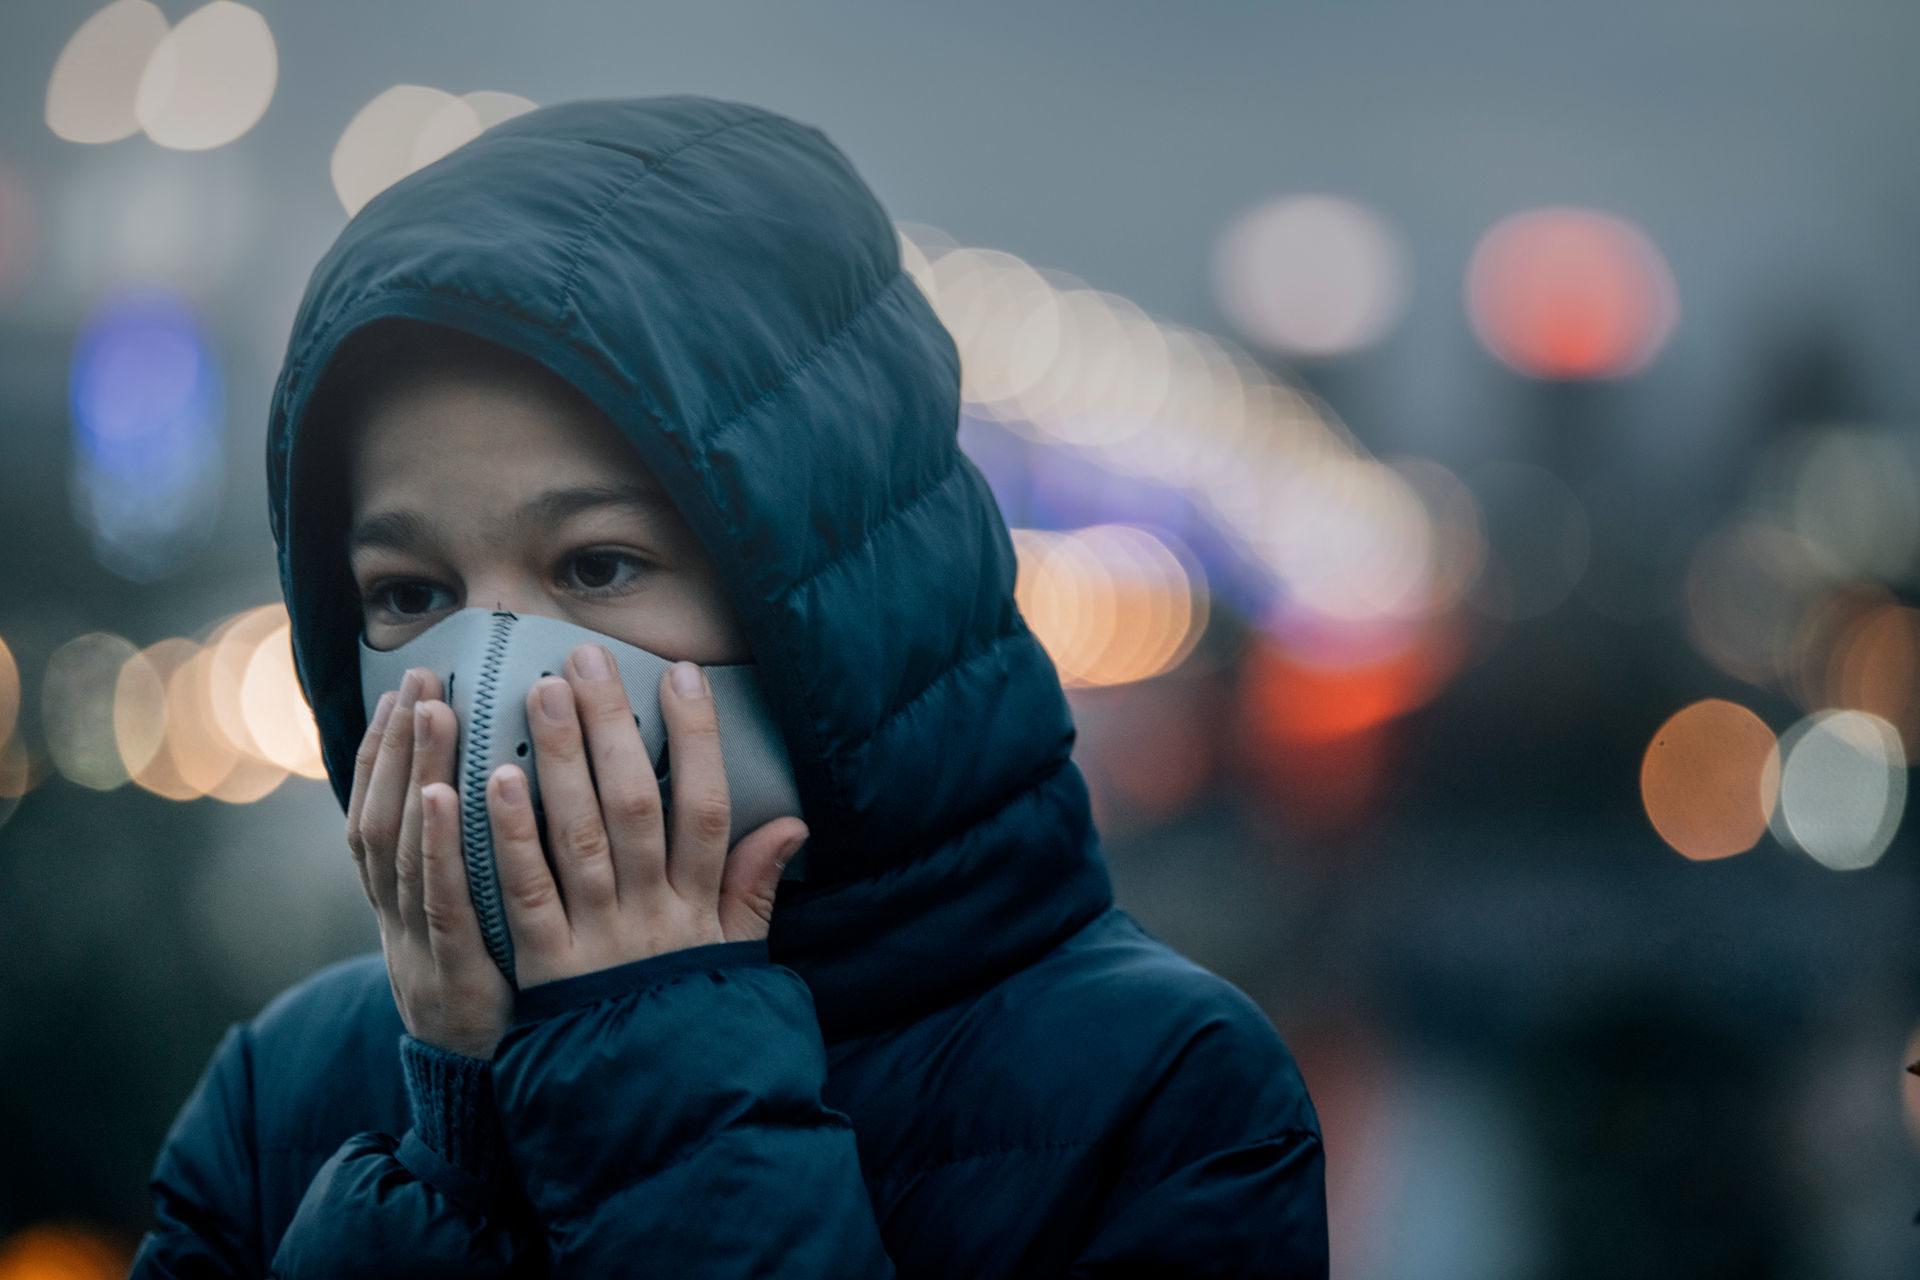 légúti betegség